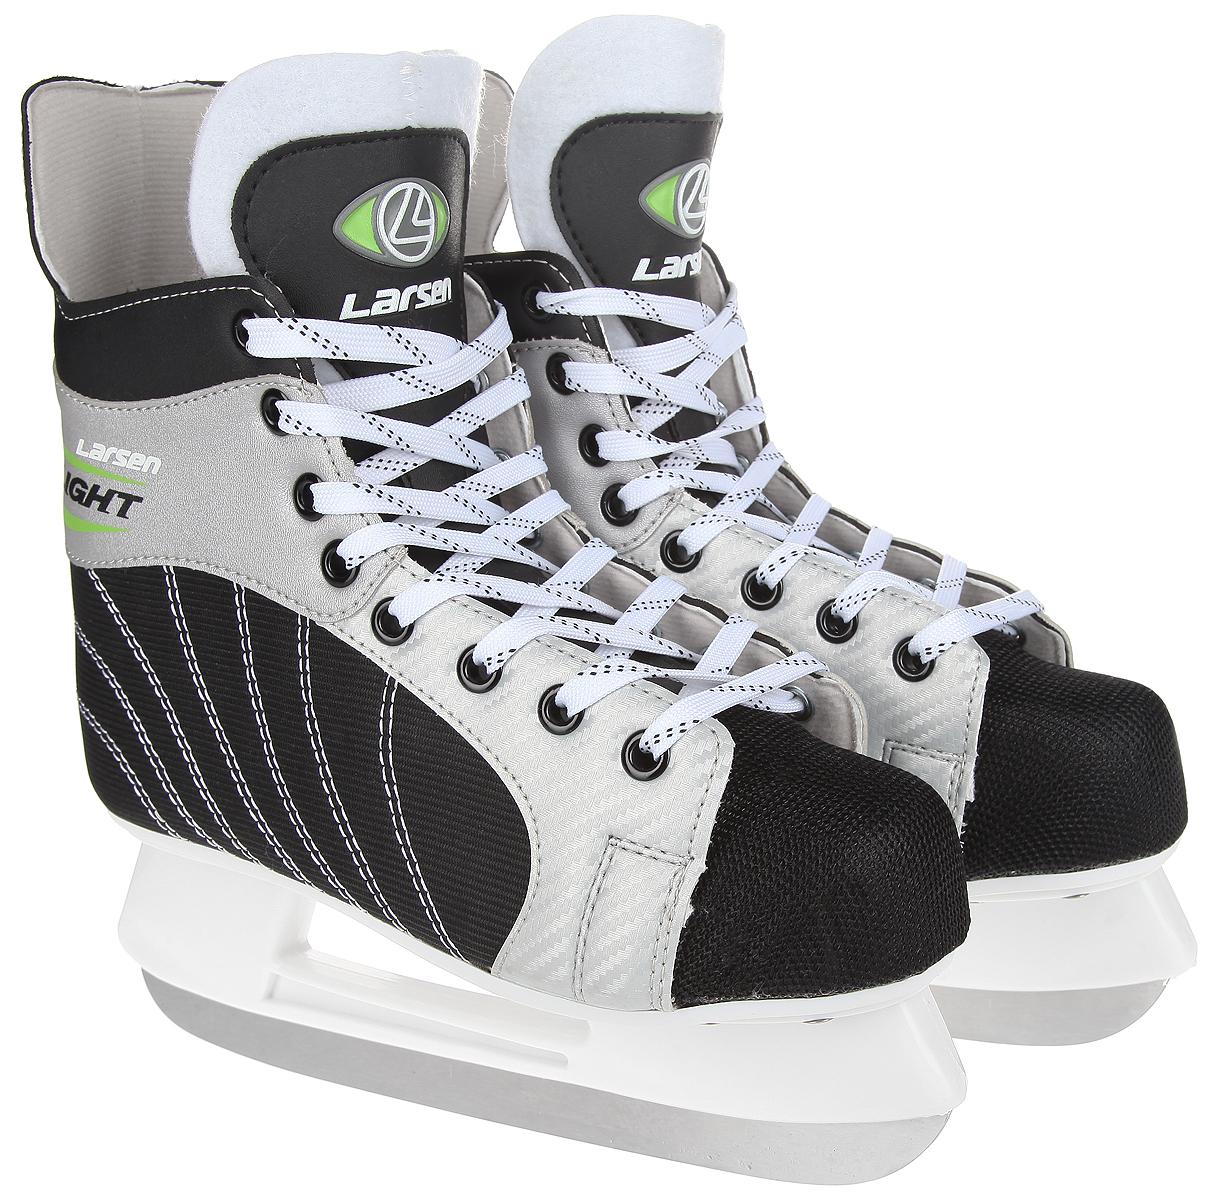 Коньки хоккейные мужские Larsen Light, цвет: черный, серебристый, белый. Размер 40